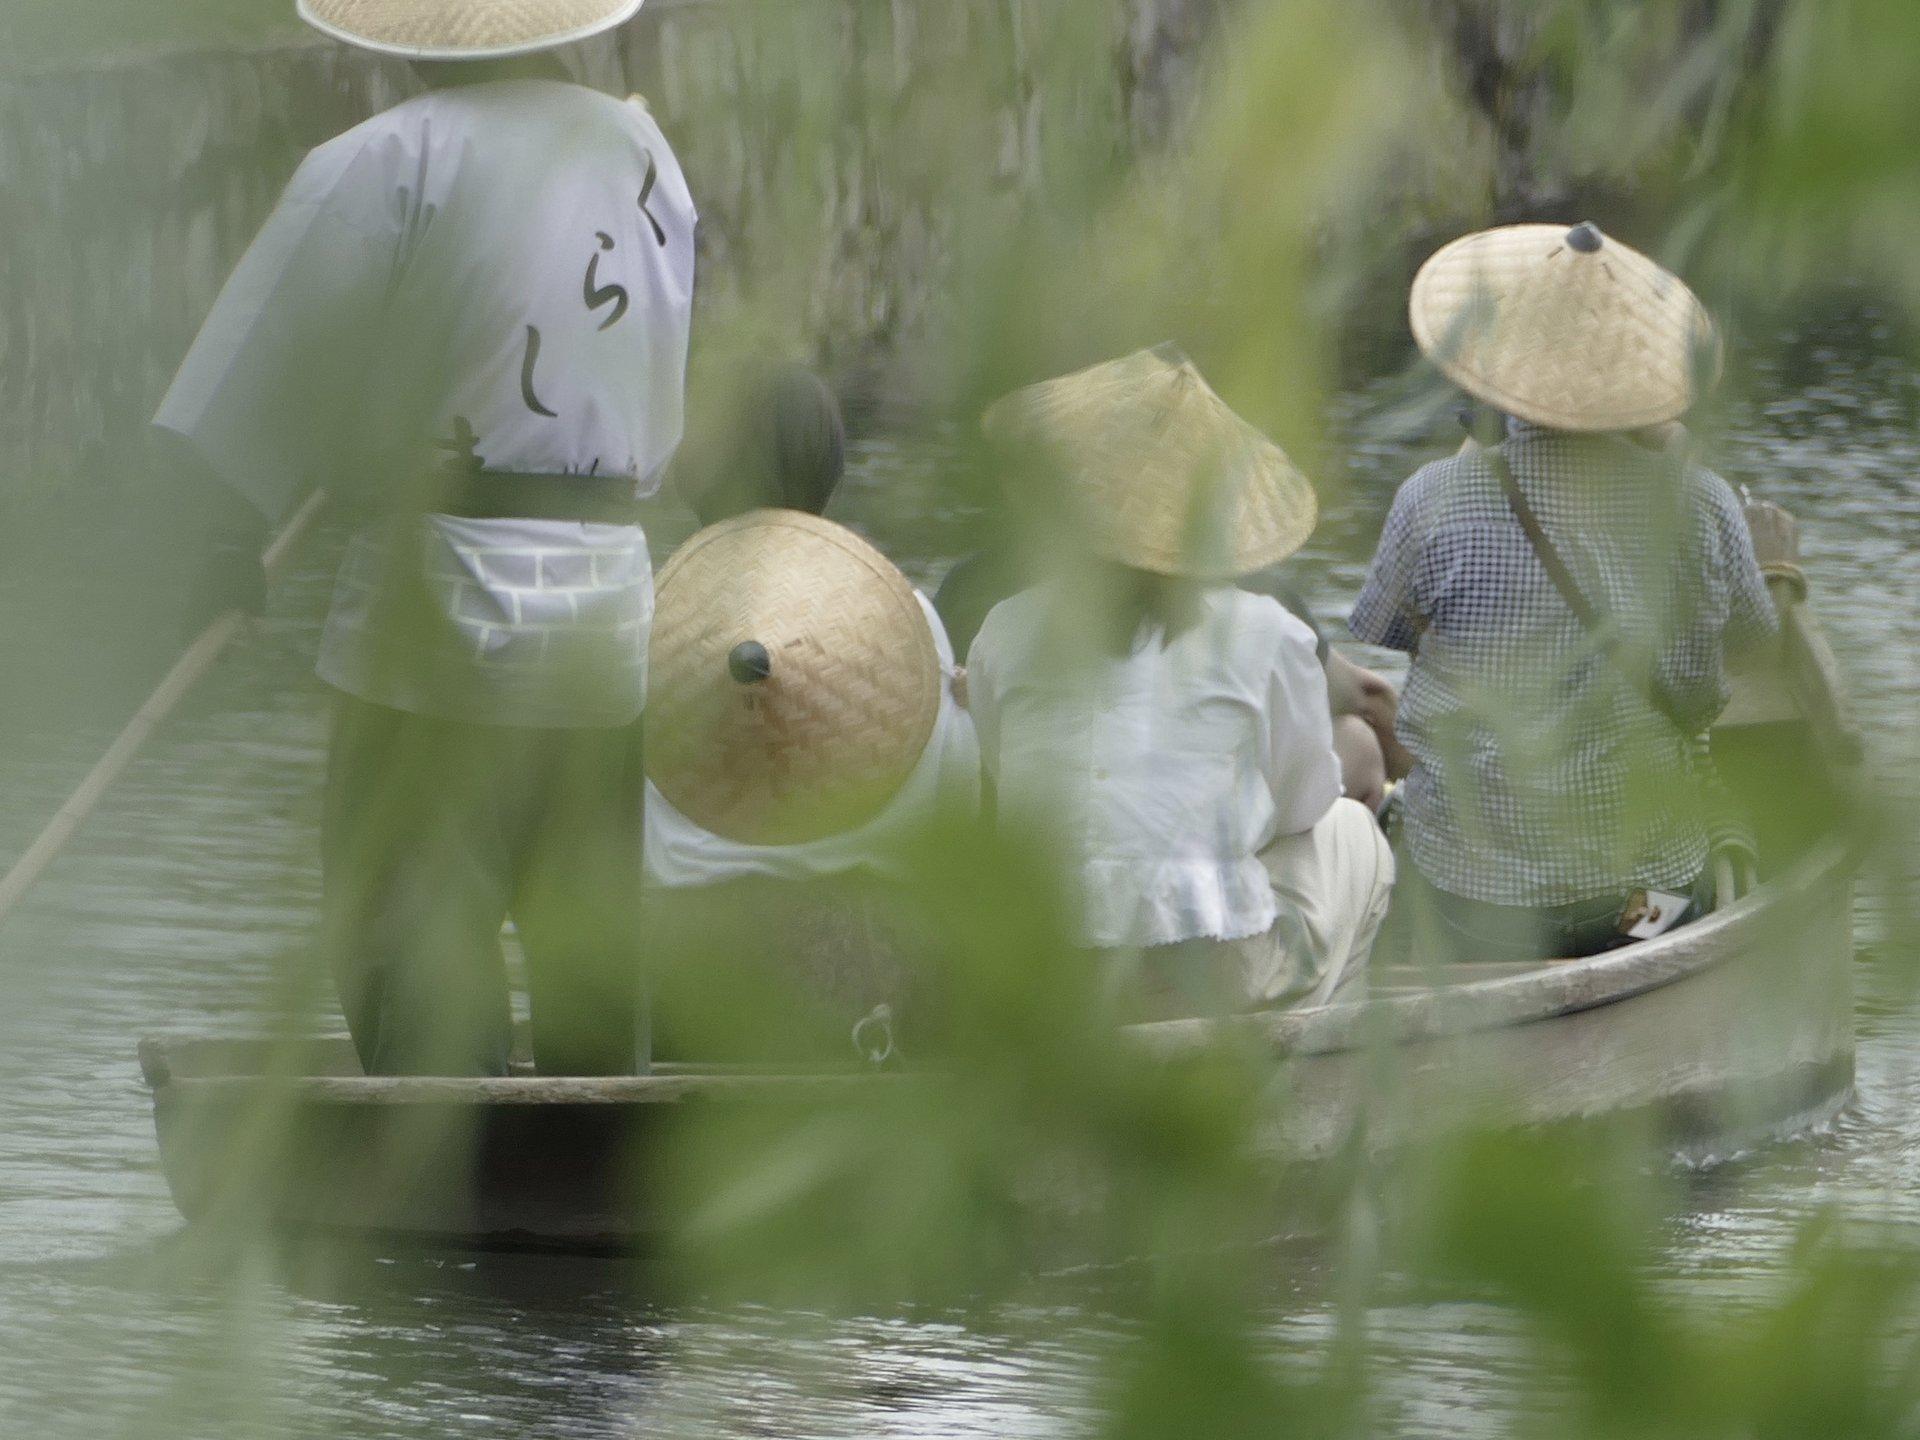 一眼レフ持って岡山倉敷をお散歩♡昔ながらの雰囲気が残る貴重な観光スポット